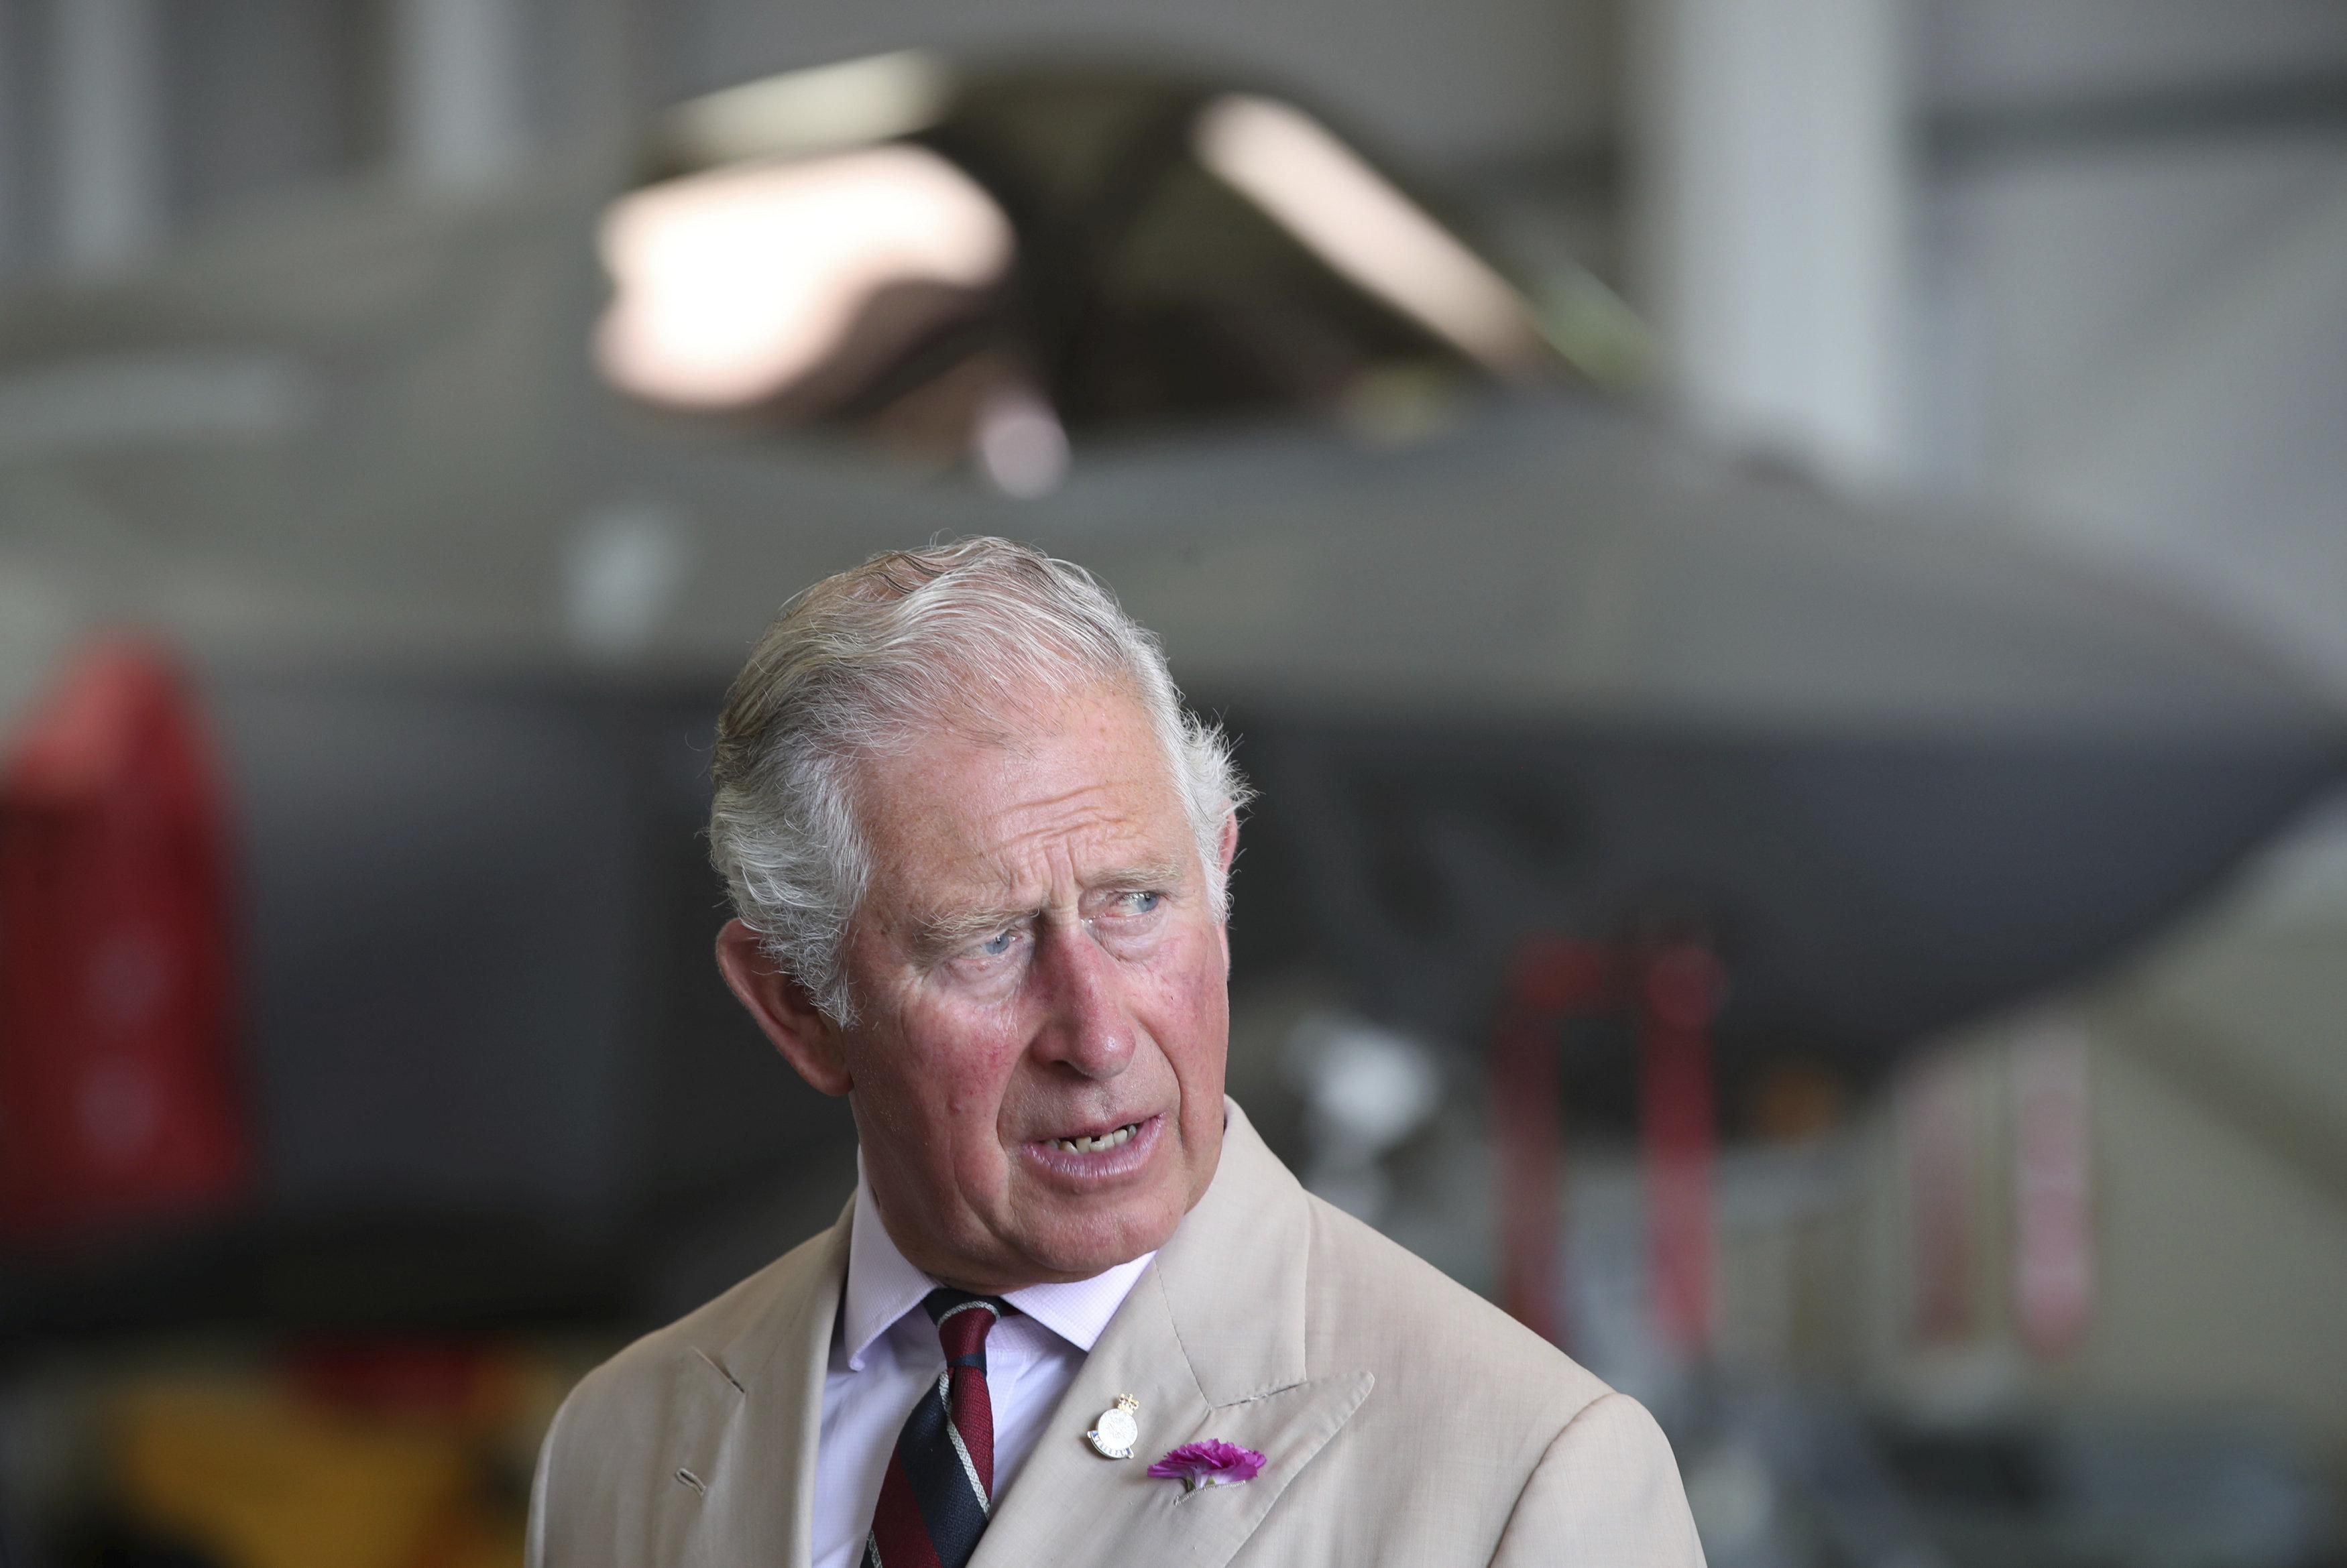 Las fotos del príncipe Carlos de las que todo el mundo está